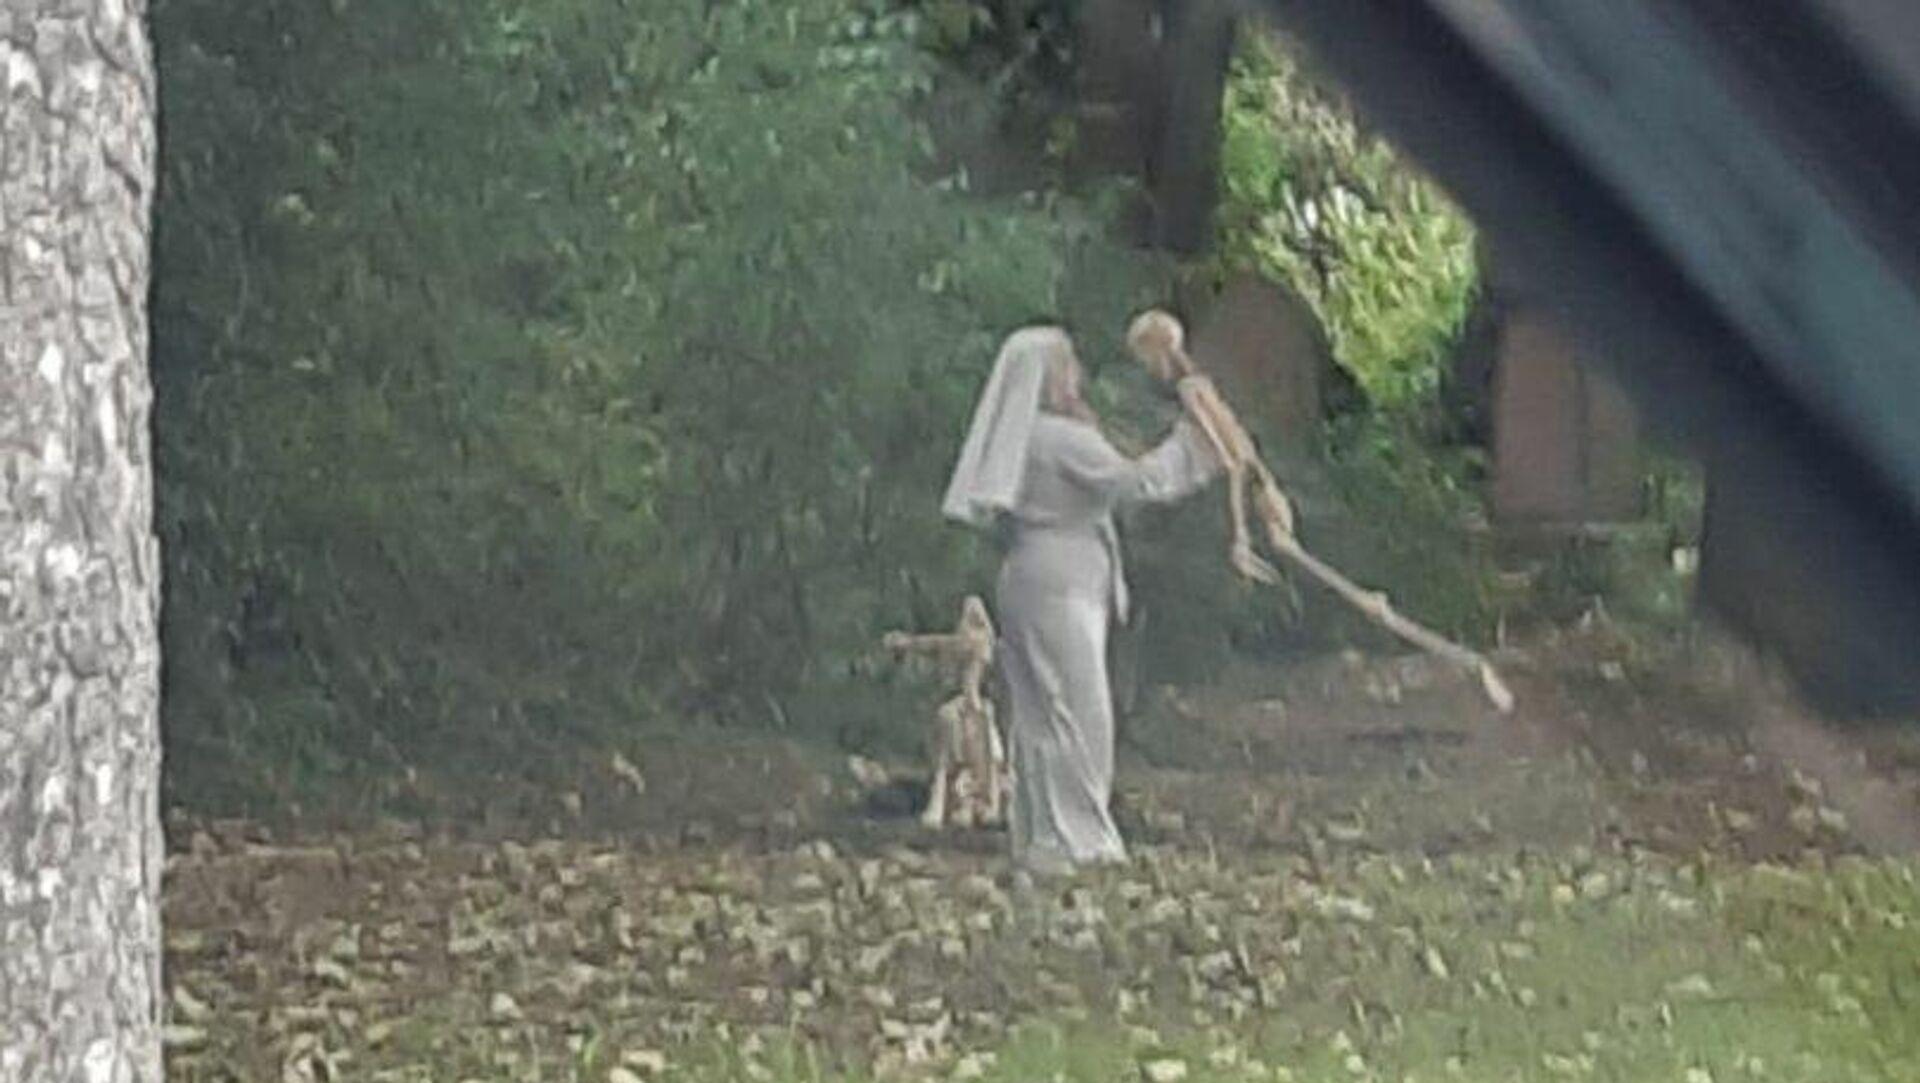 Rahibe elbisesi giymiş bir kadın iskeletle dans etti - Sputnik Türkiye, 1920, 13.09.2021